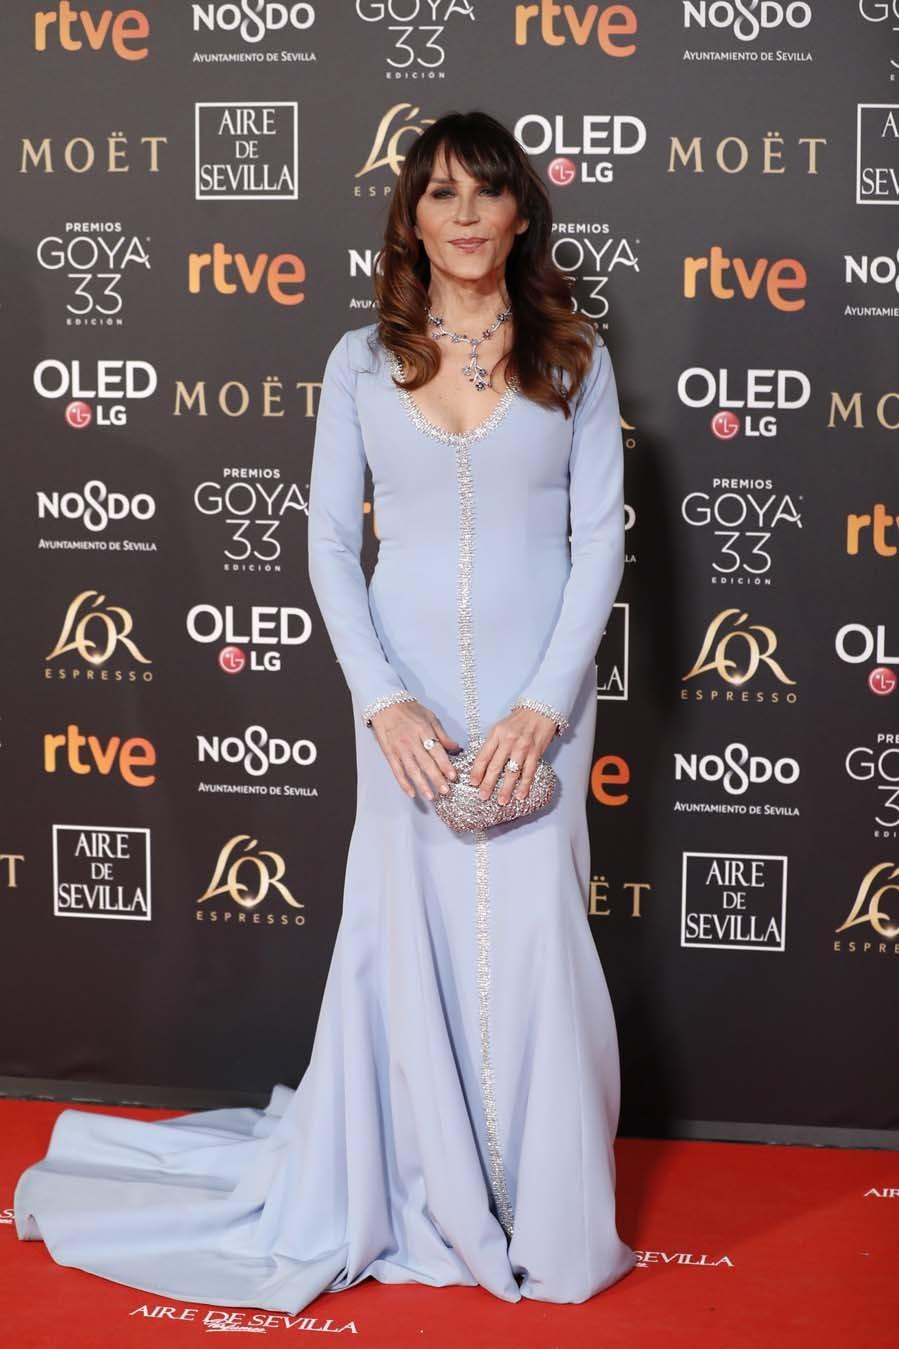 Alfombra Roja ComasModa Gomez Y 2019 Premios Goya Macarena Aldo rdQCths